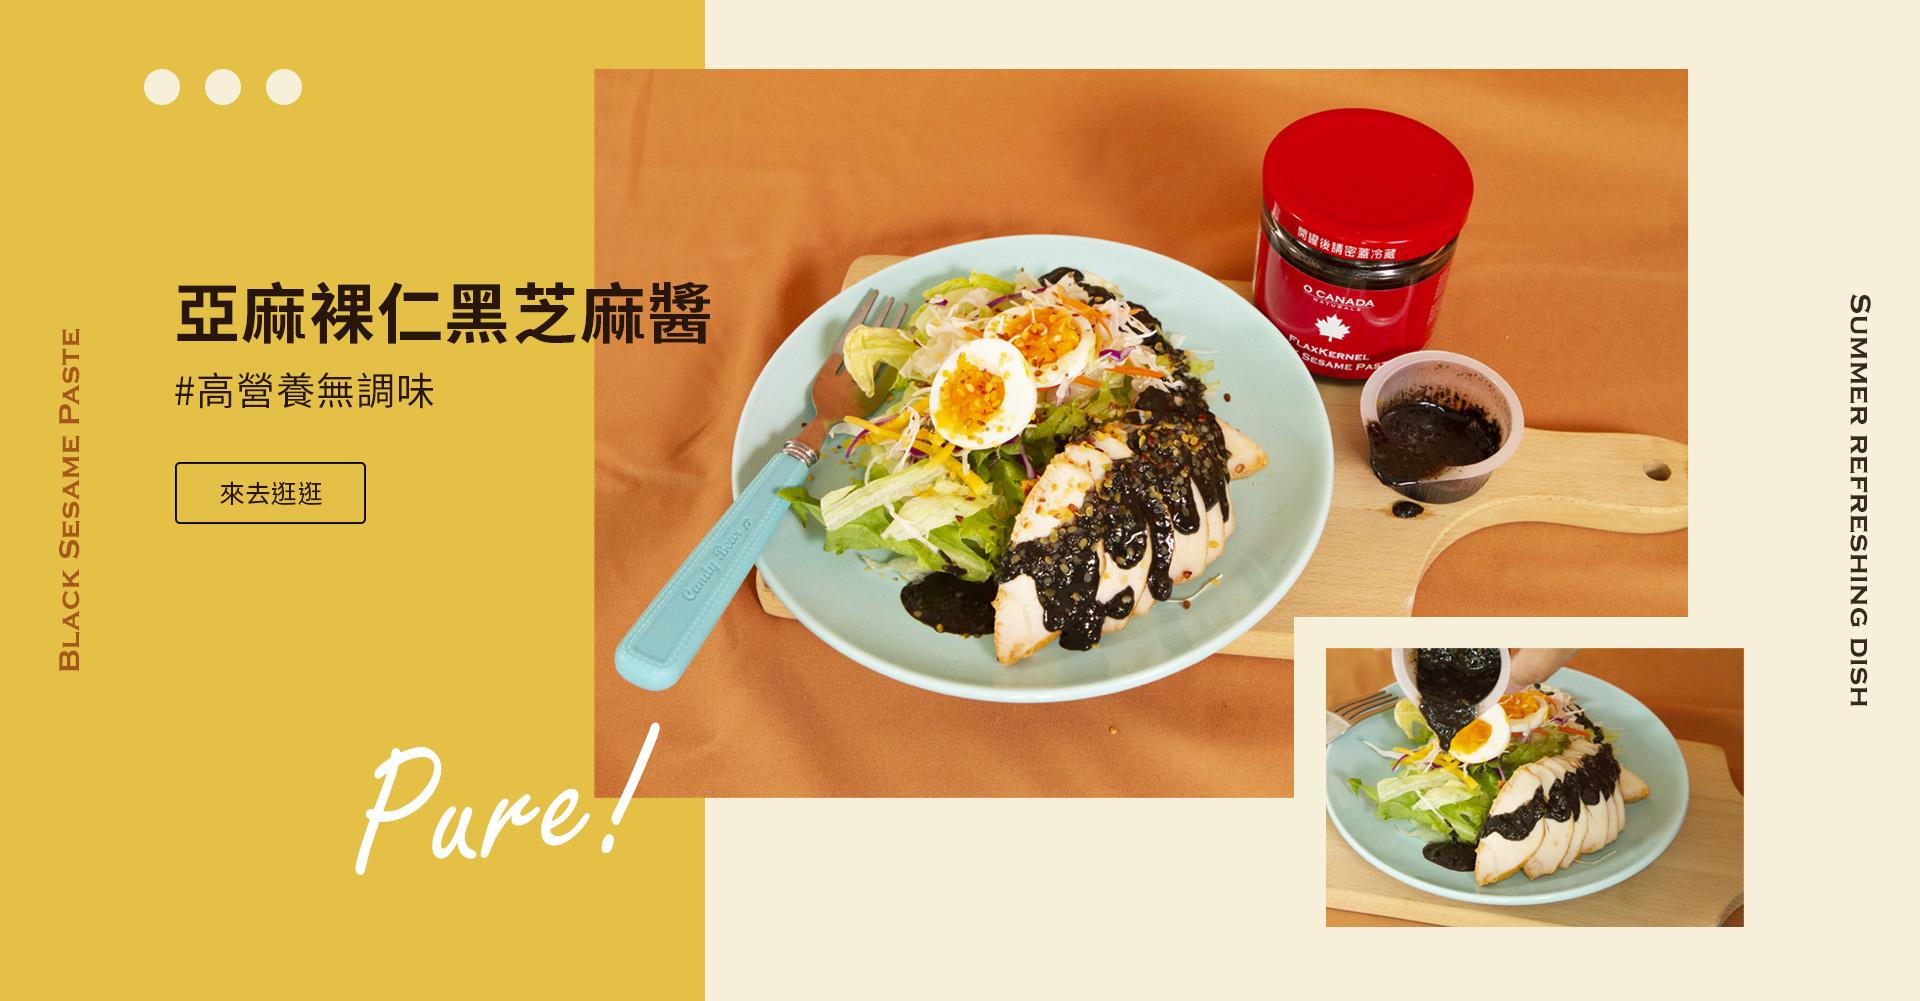 亞麻仁黑芝麻醬雞肉沙拉